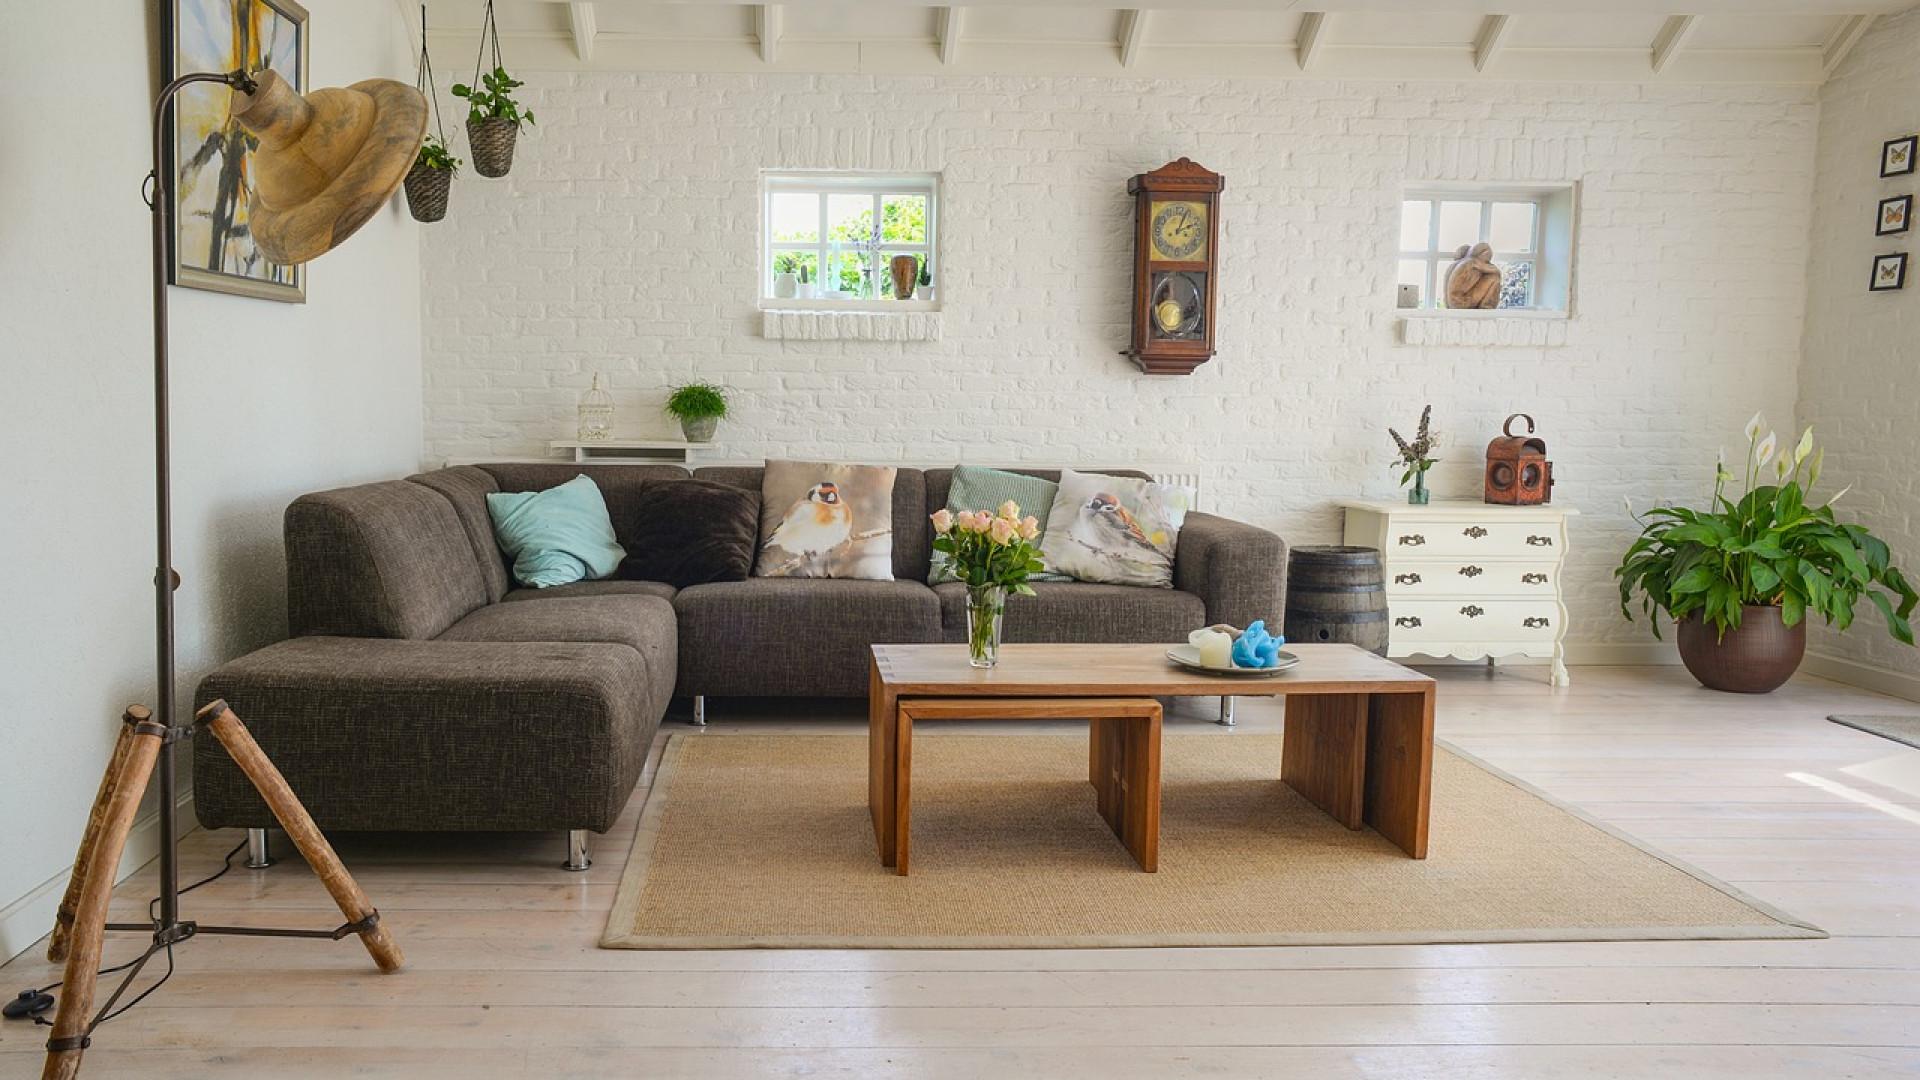 Quelles astuces pour une décoration contemporaine réussie chez soi ?